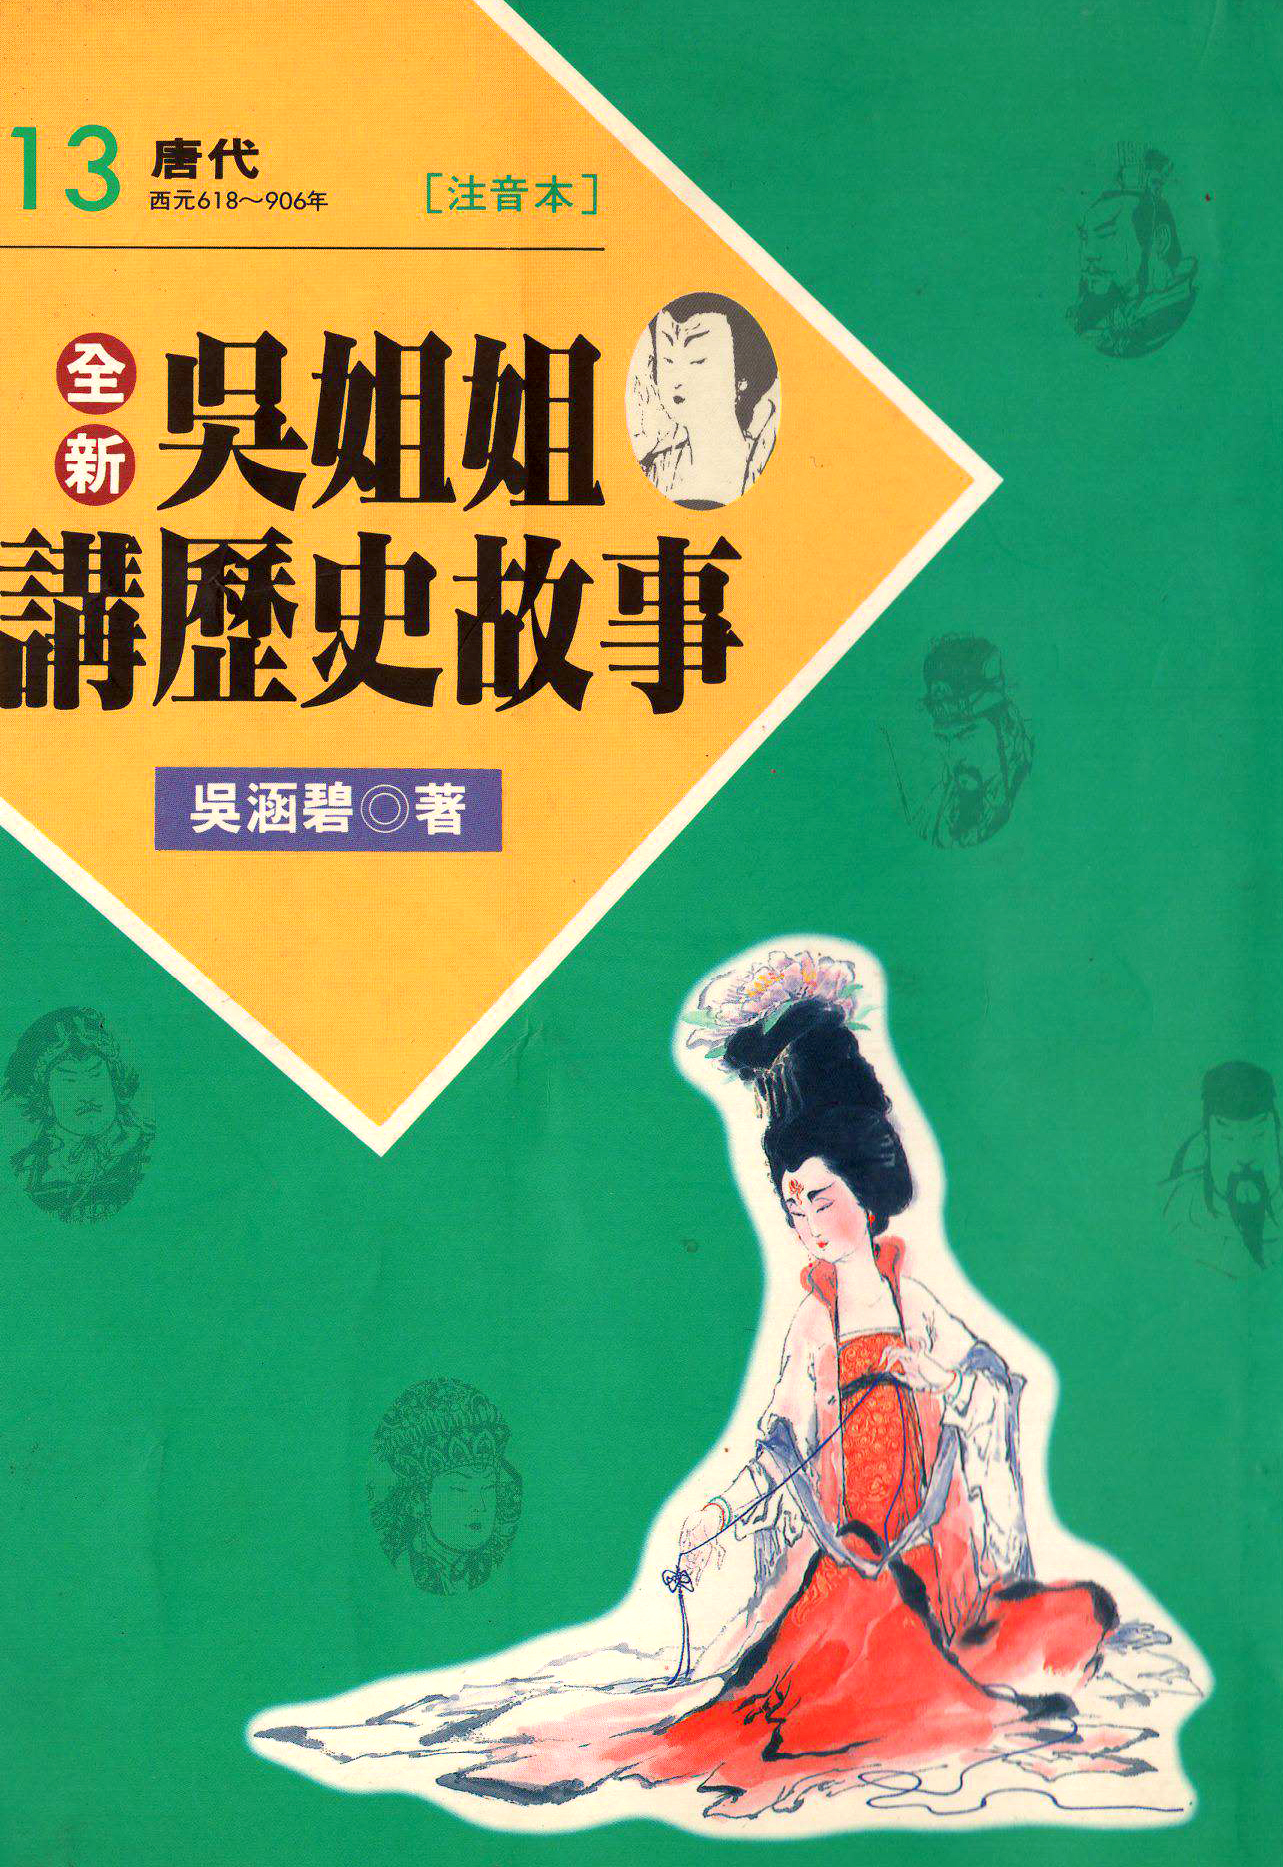 全新吴姐姐讲历史故事(小说扫图)